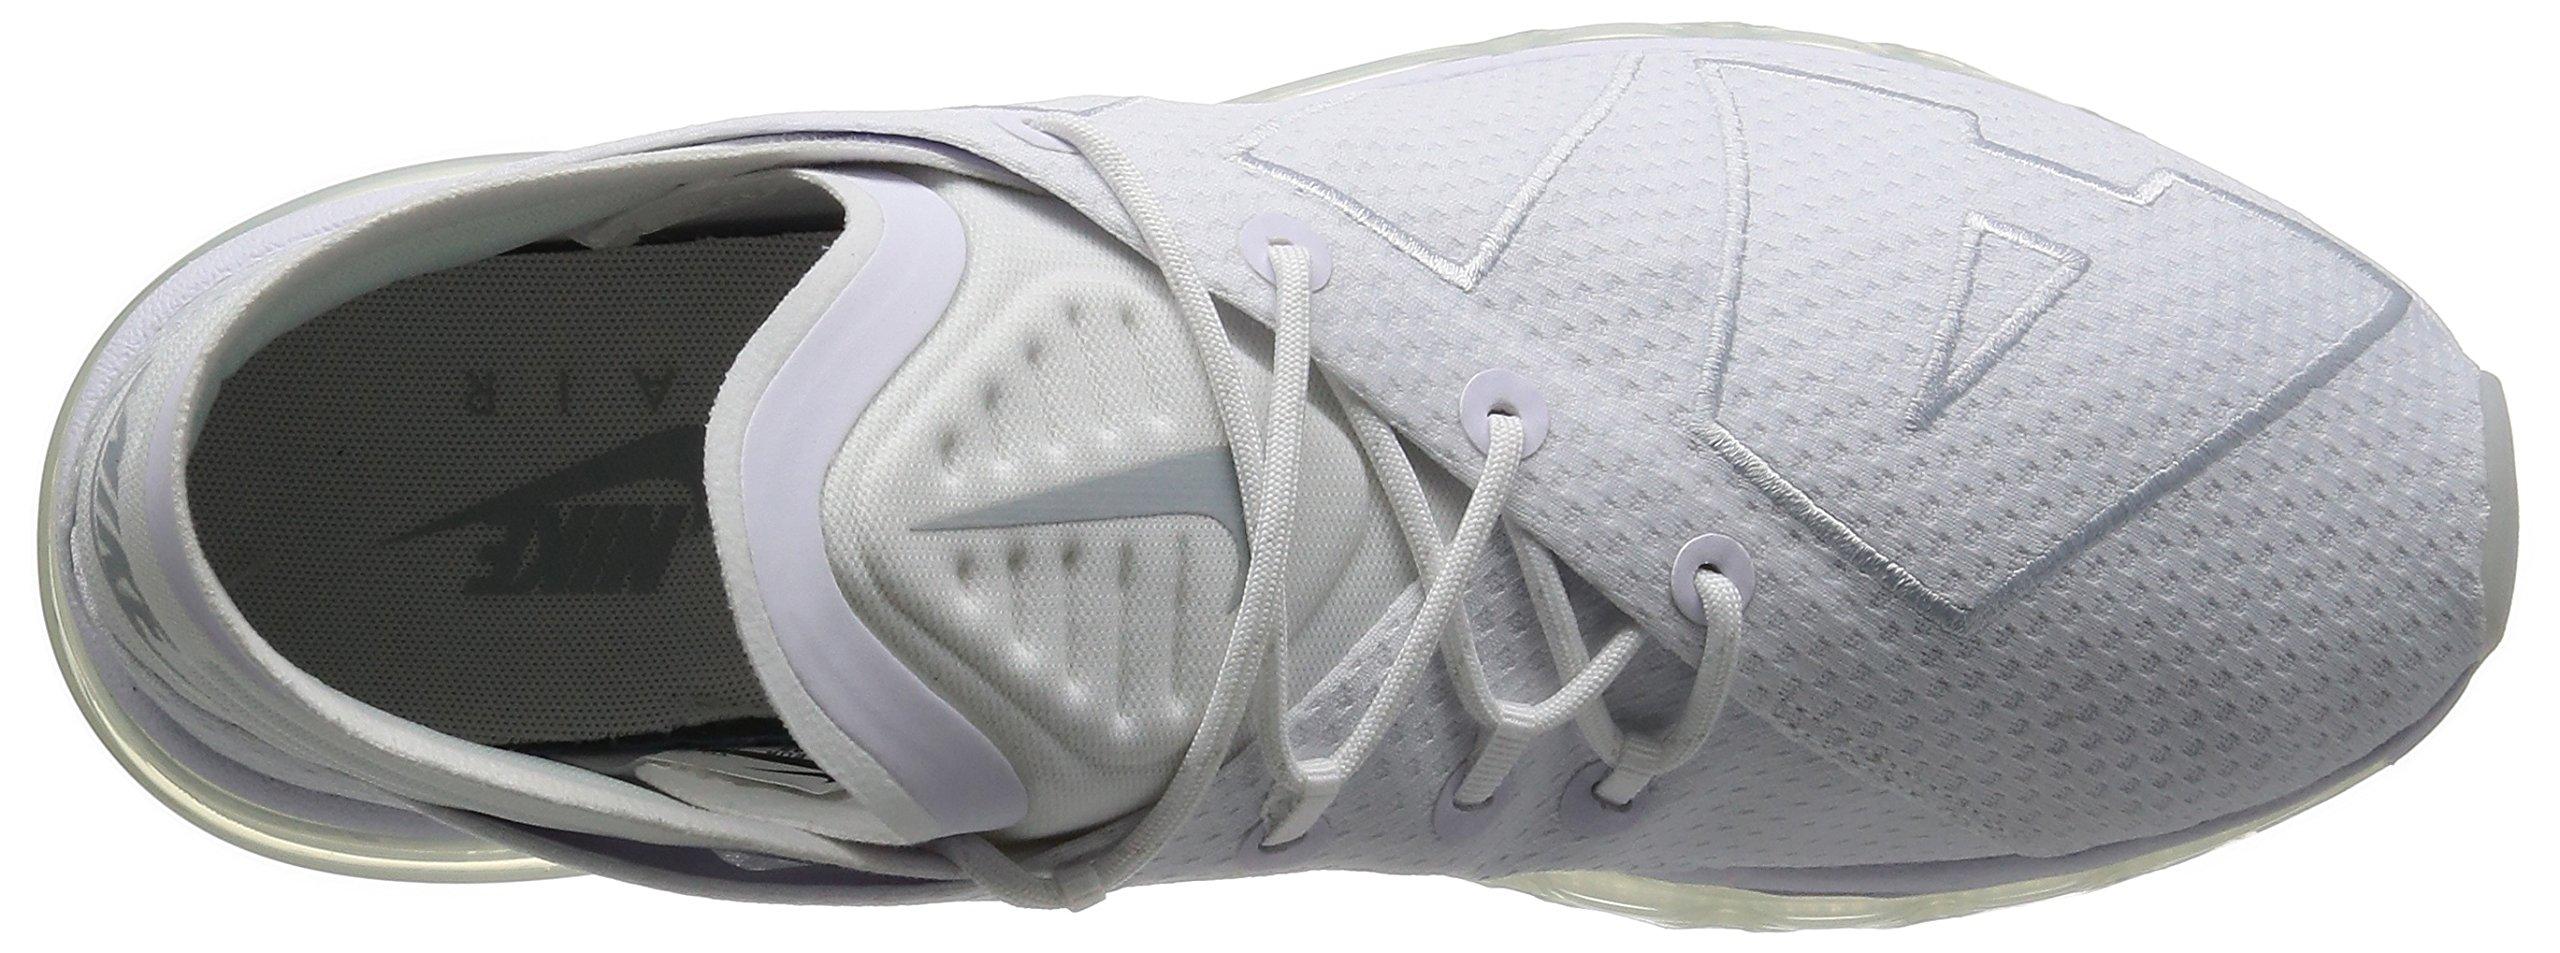 81fkYmOi9aL - Nike Mens - Air Max Flair - Triple White - 942236-100